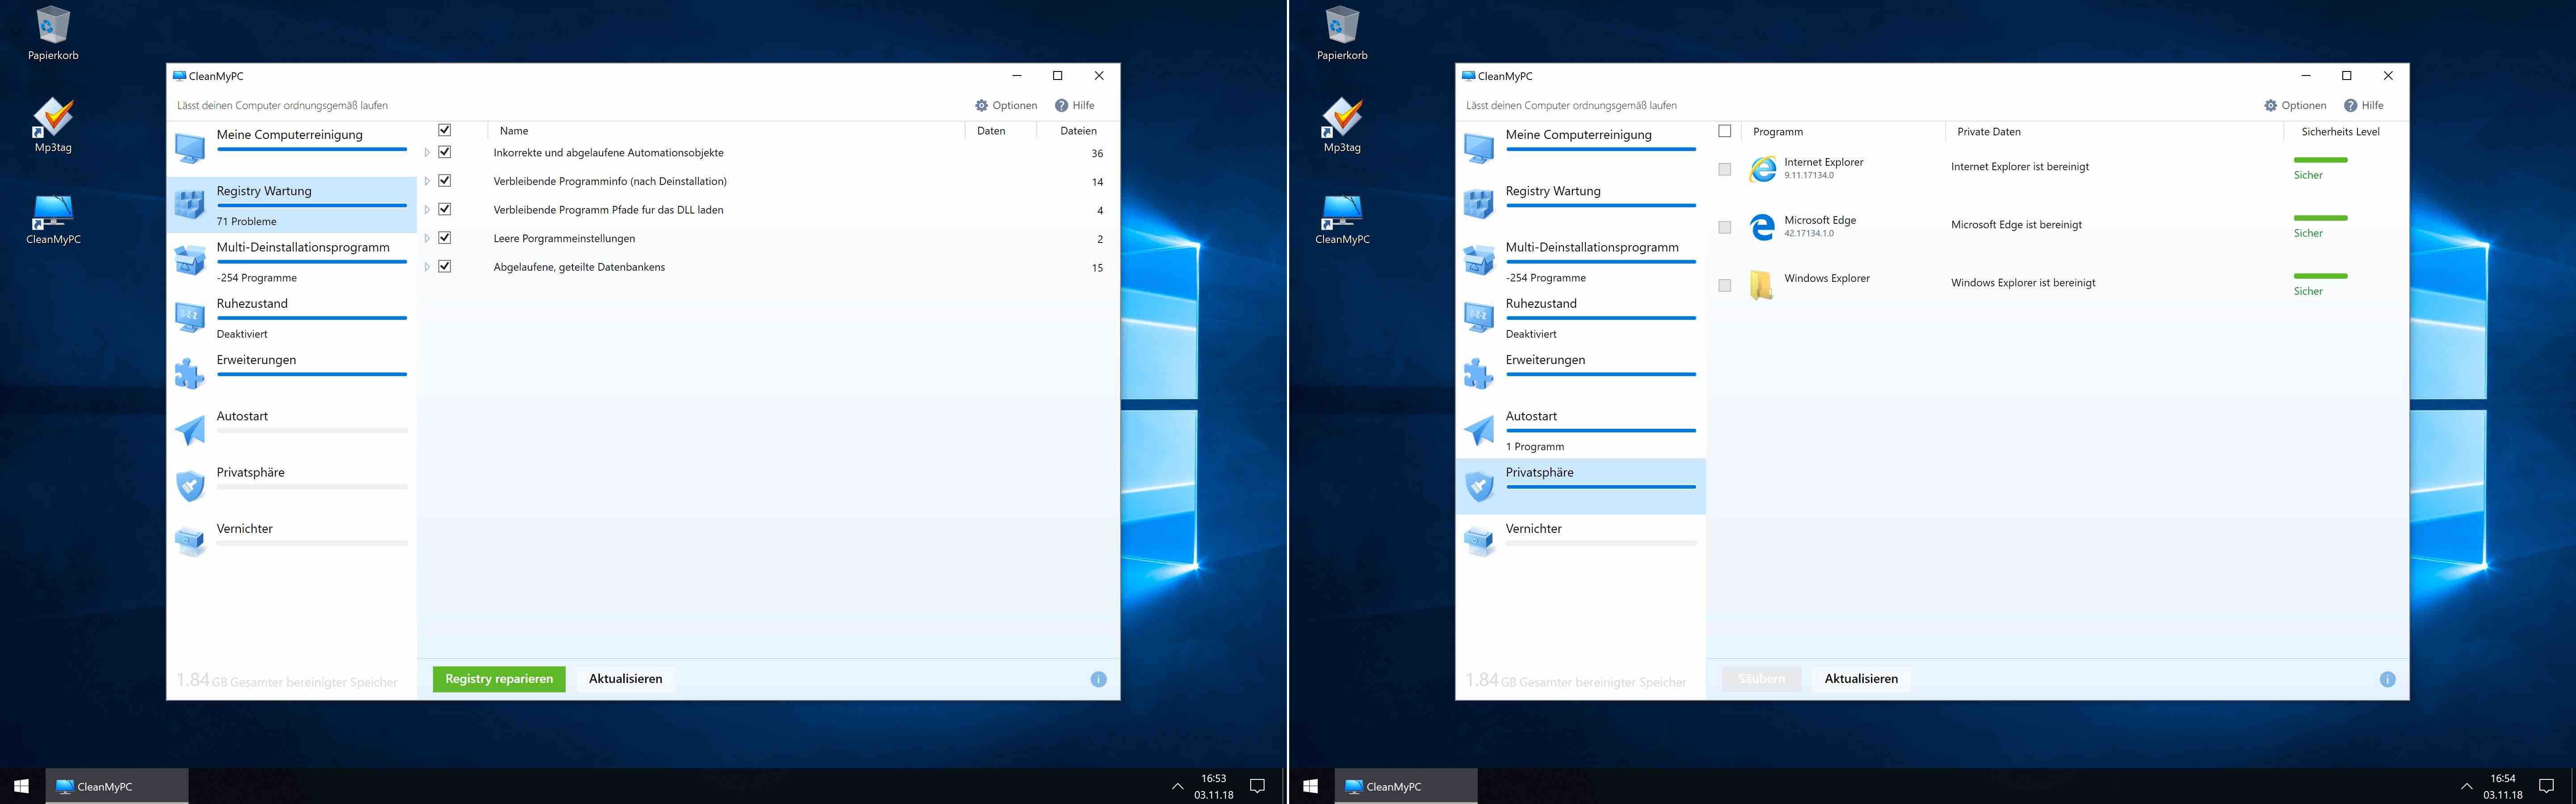 MacPaw_Clean_My_PC_Windows_Review4 CleanMyPC von MacPaw - einmal Windows, aber ordentlich und sauber bitte